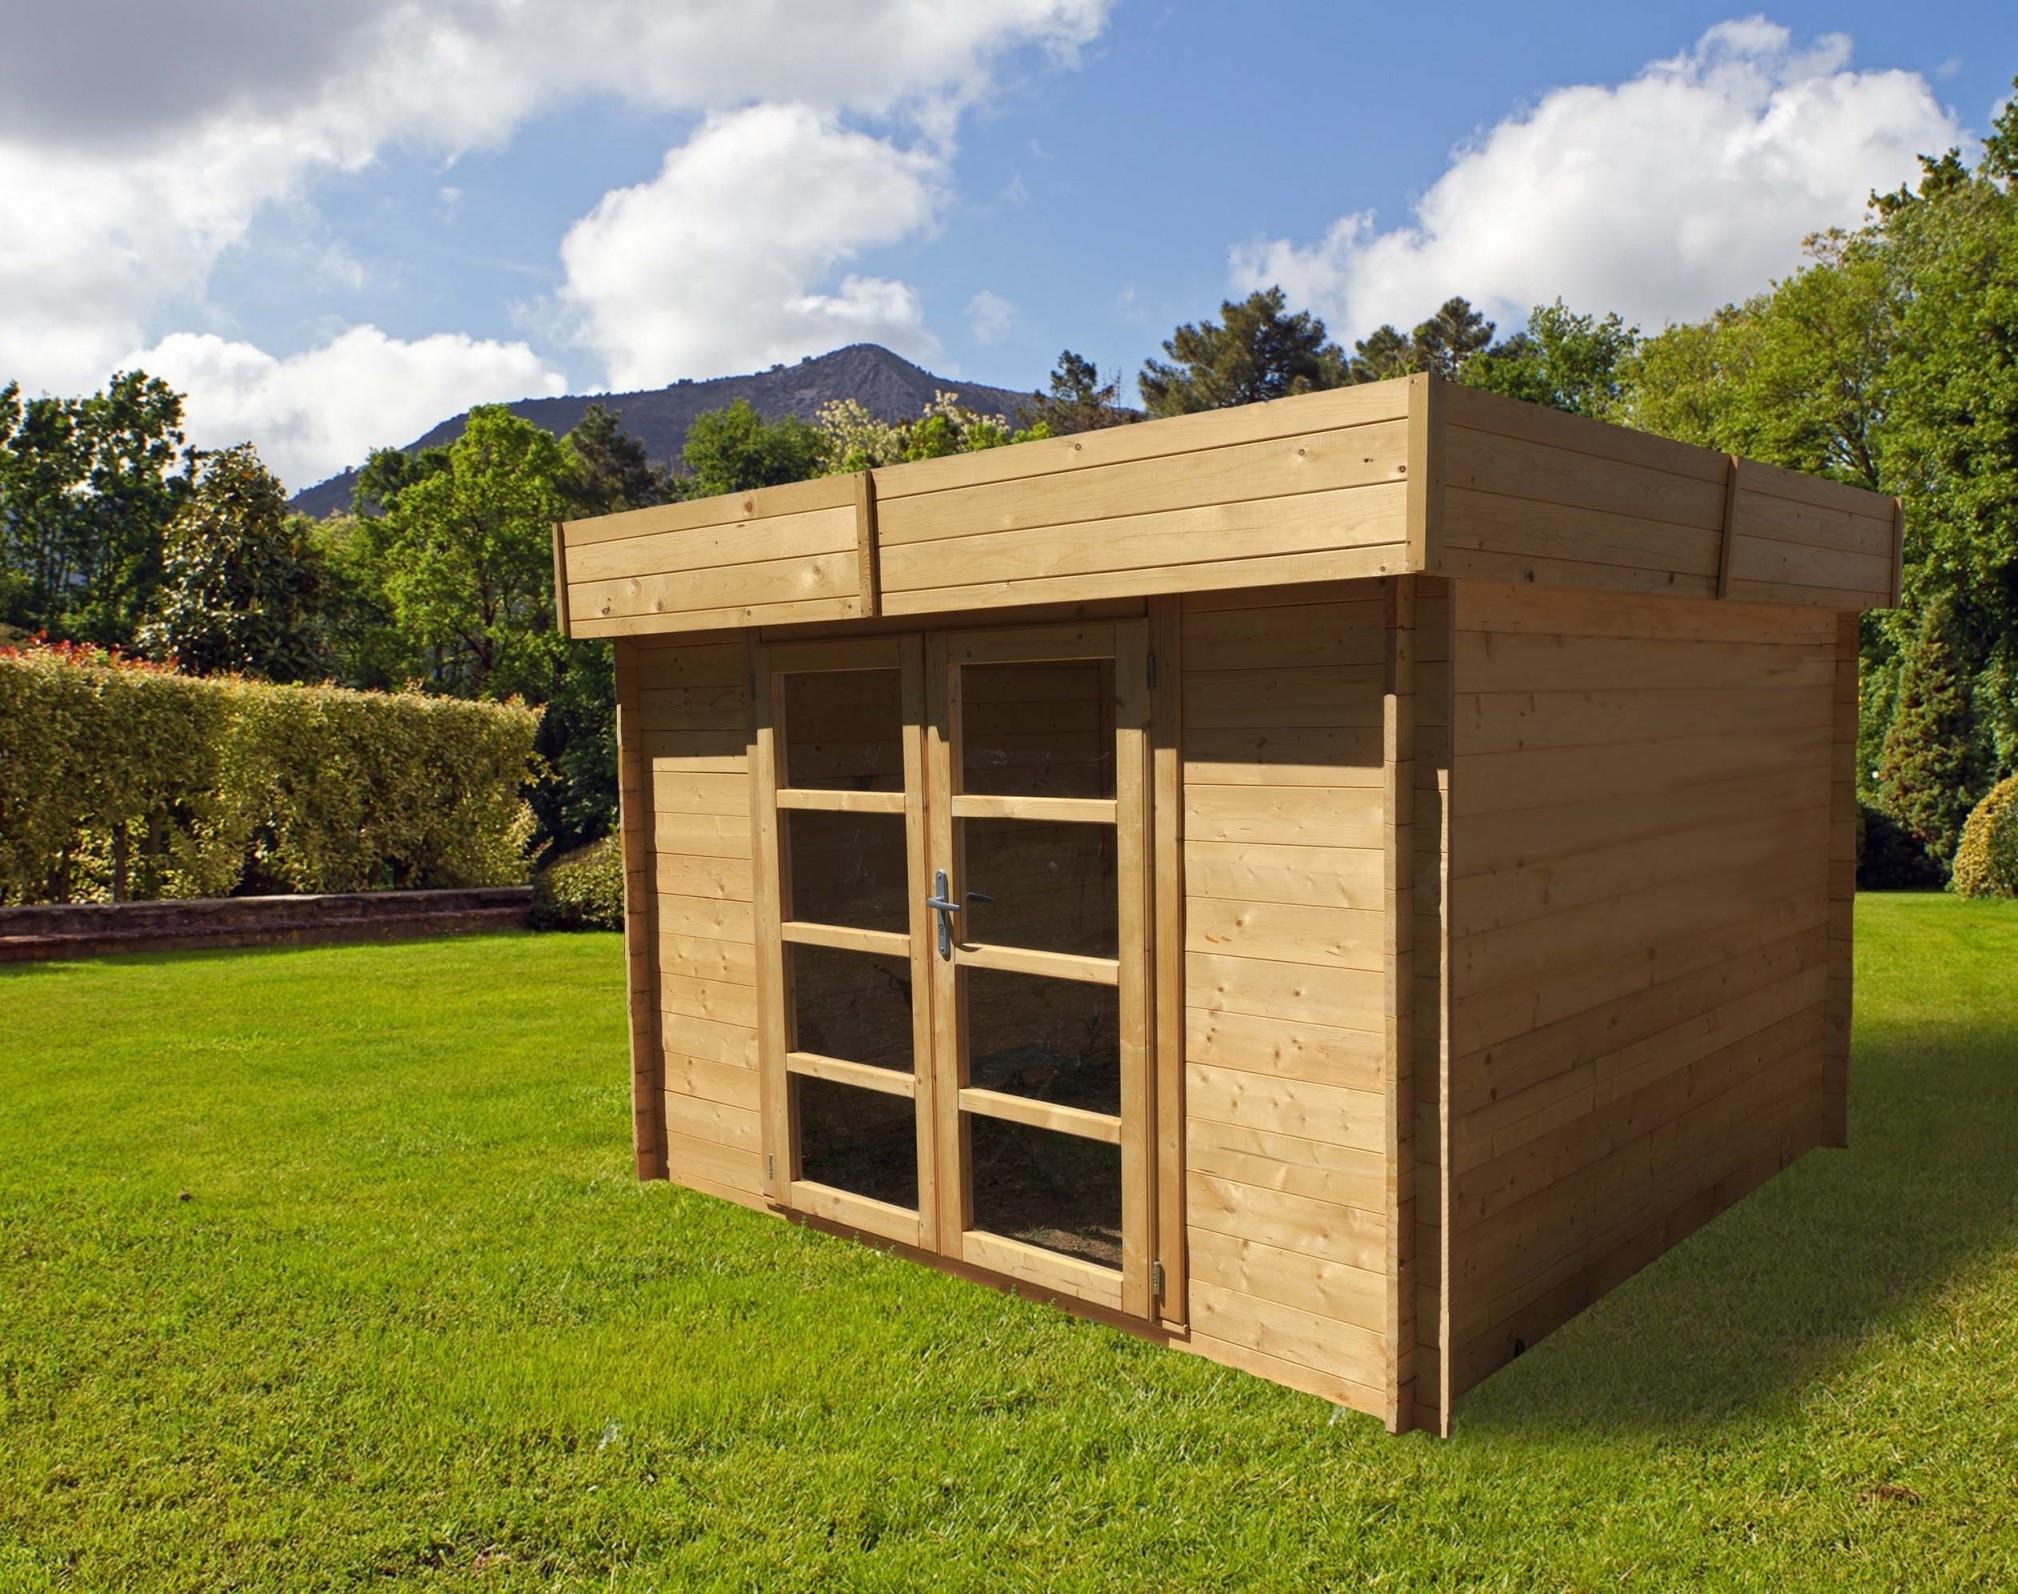 Abri De Jardin Gifi Meilleur De Photos Abri De Jardin De 5m2 De Confortable Construire Abris De Jardin Sch